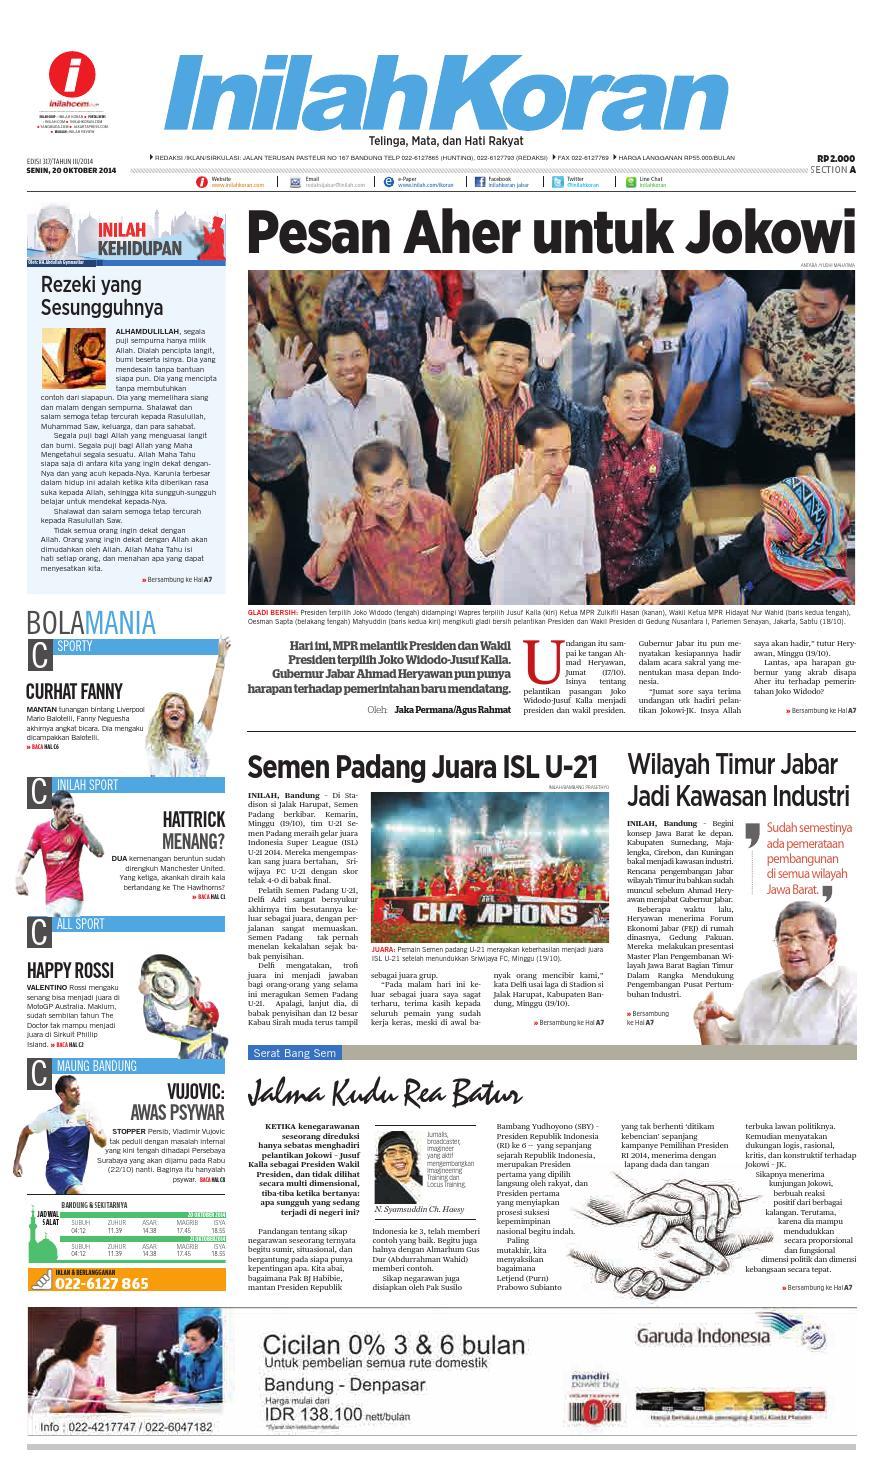 Pesan Aher Untuk Jokowi By Inilah Koran Issuu